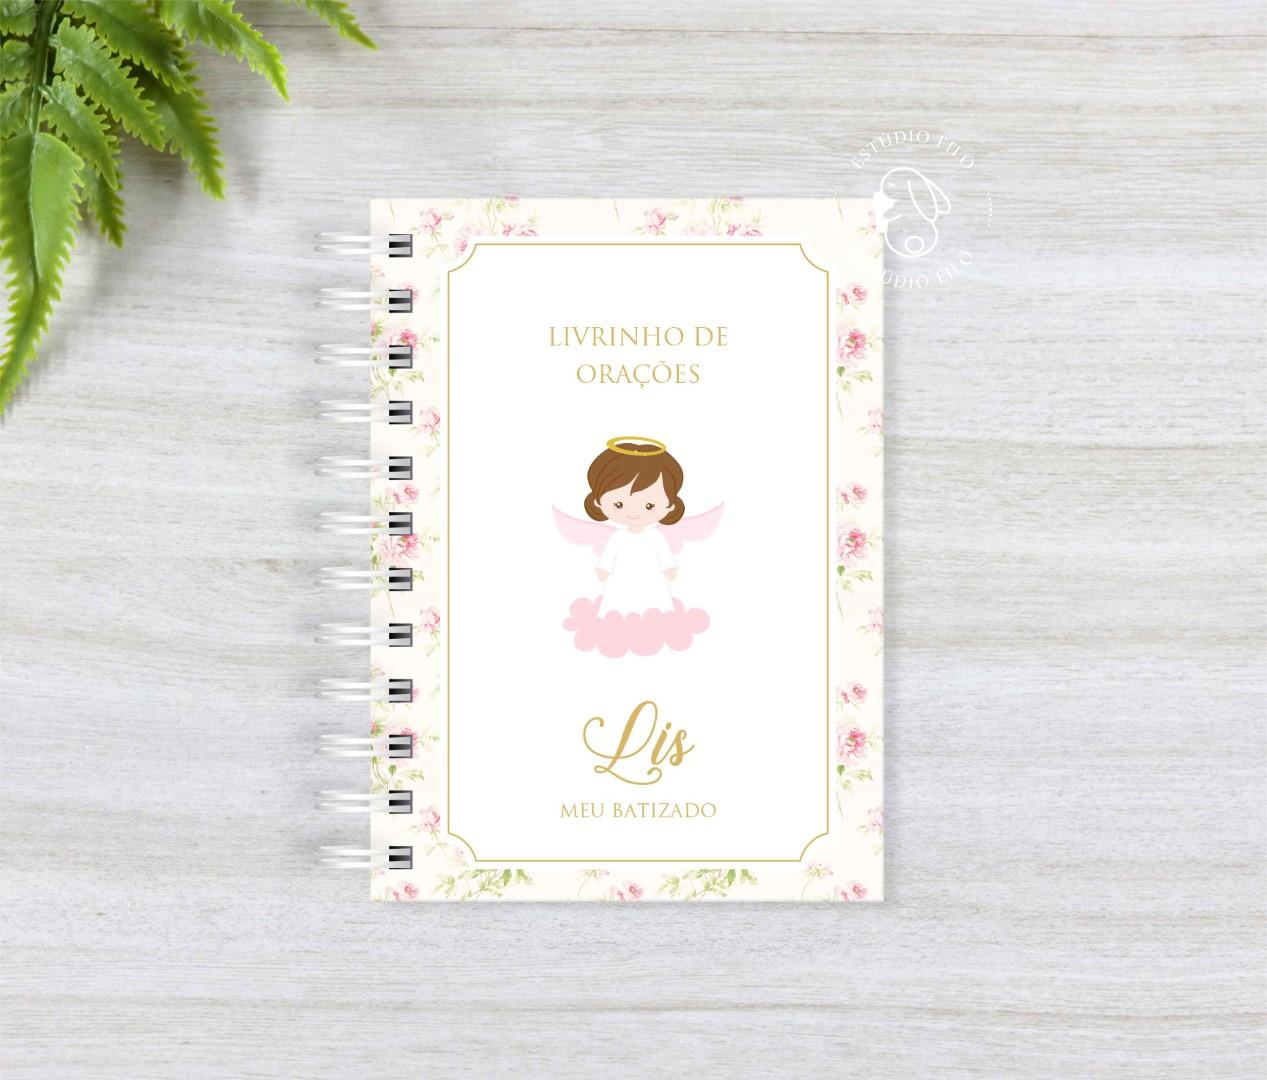 Livro de orações floral para lembrancinha